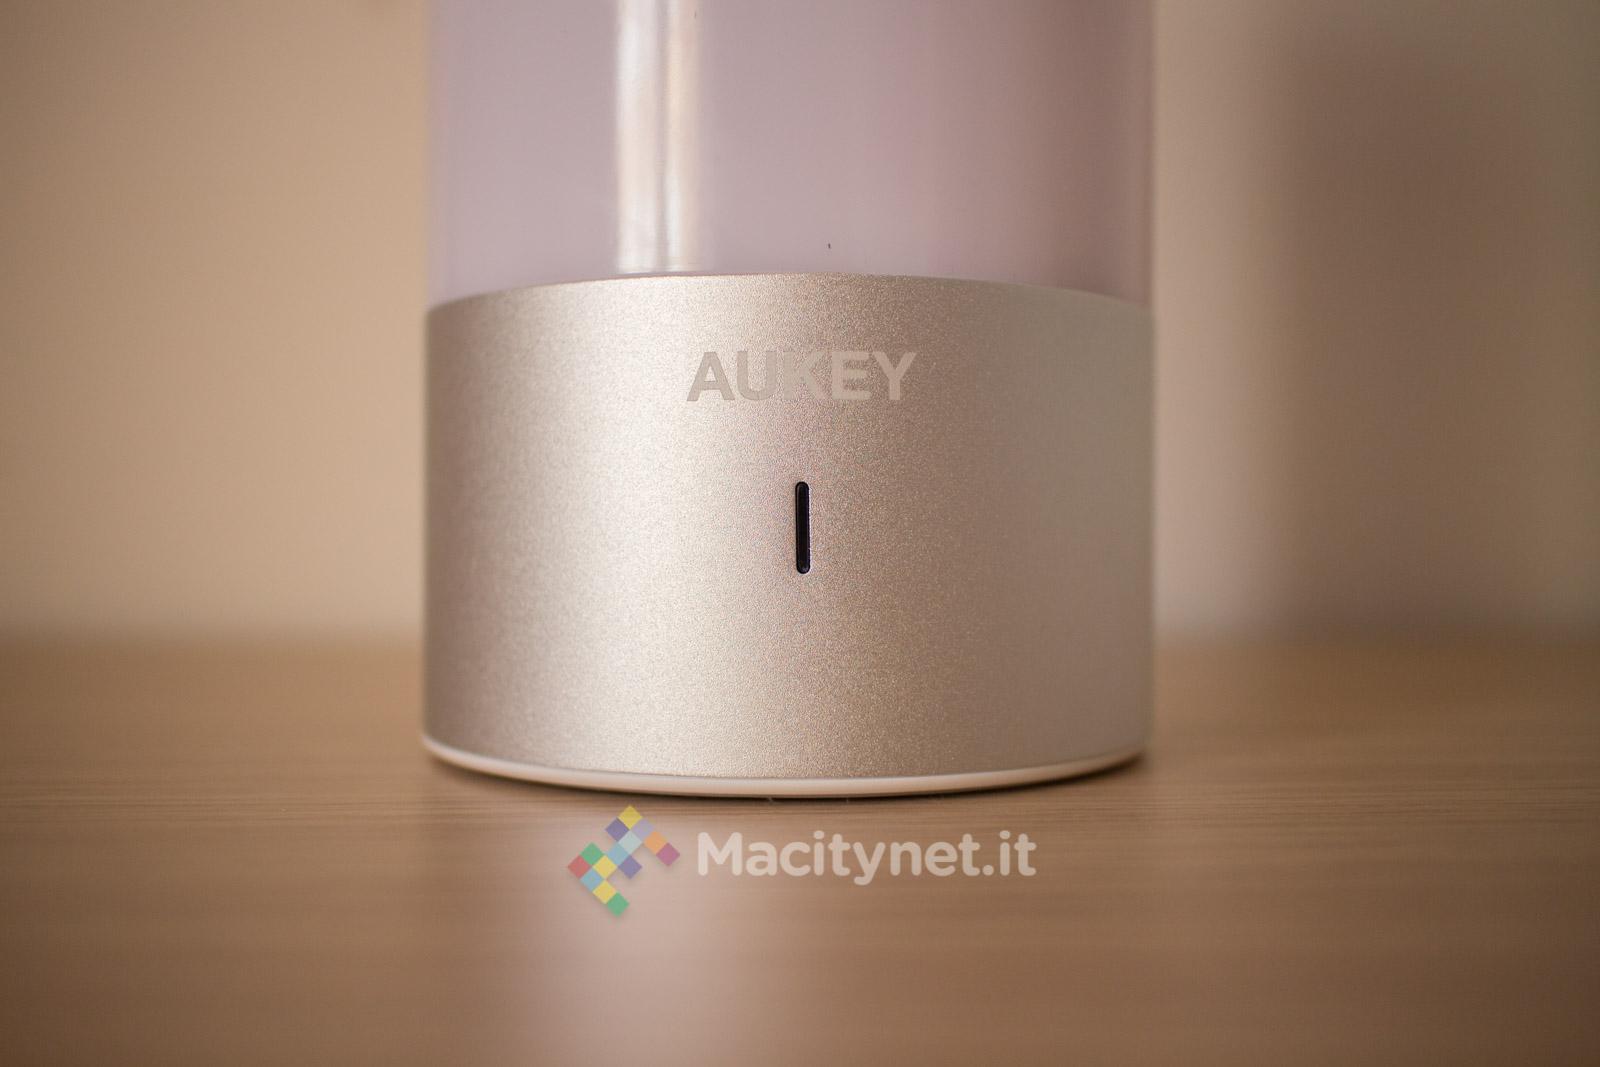 Aukey LT-T6, lampada LED multicolore per l'atmosfera giusta in ...